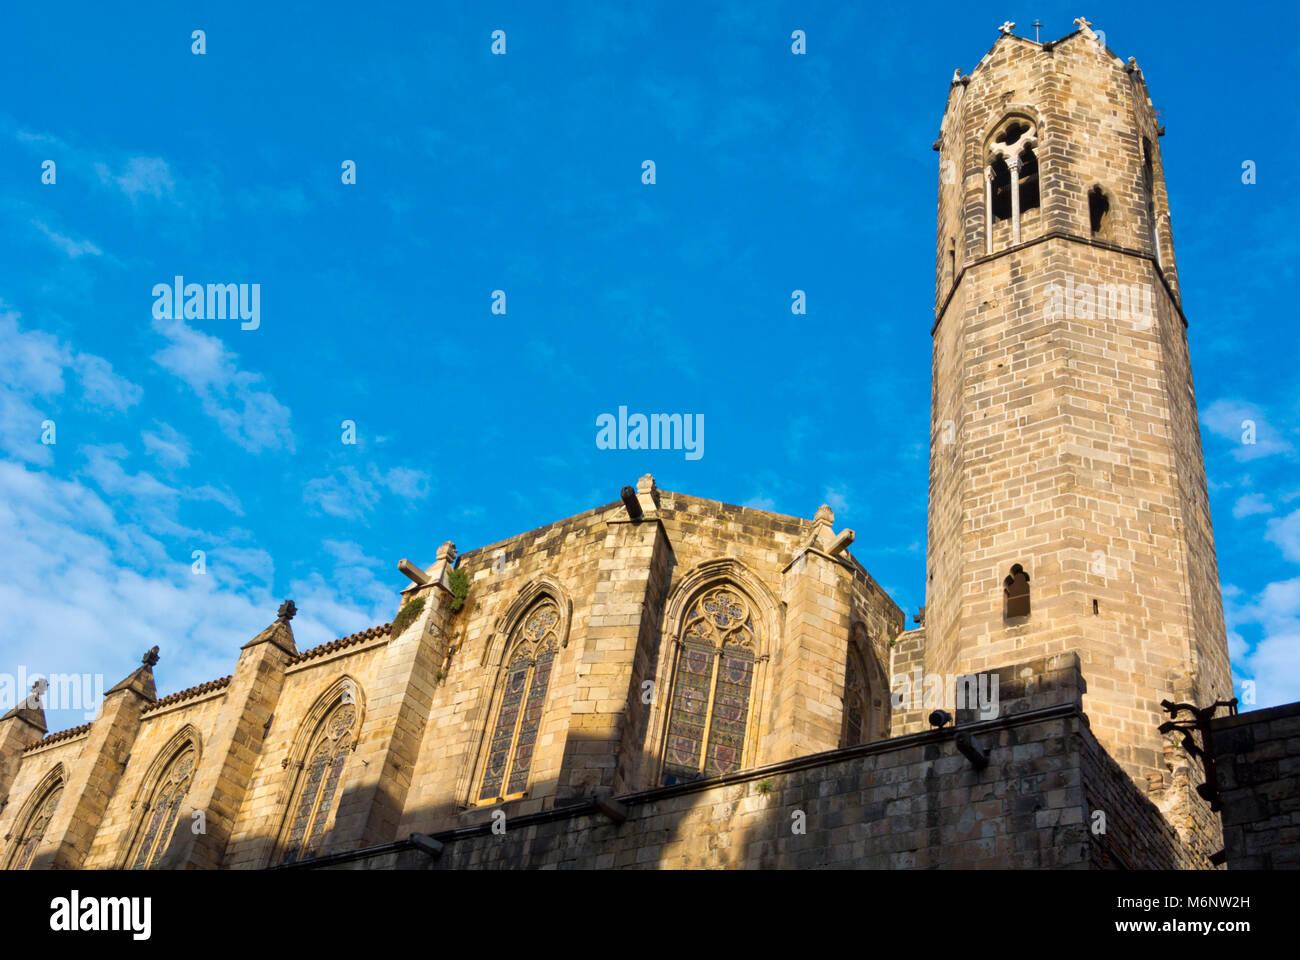 Capella de Santa Agueda, Chapel Santa Agada, St Agnes, Placa del Rei, Barri Gotic, Barcelona, Catalonia, Spain - Stock Image